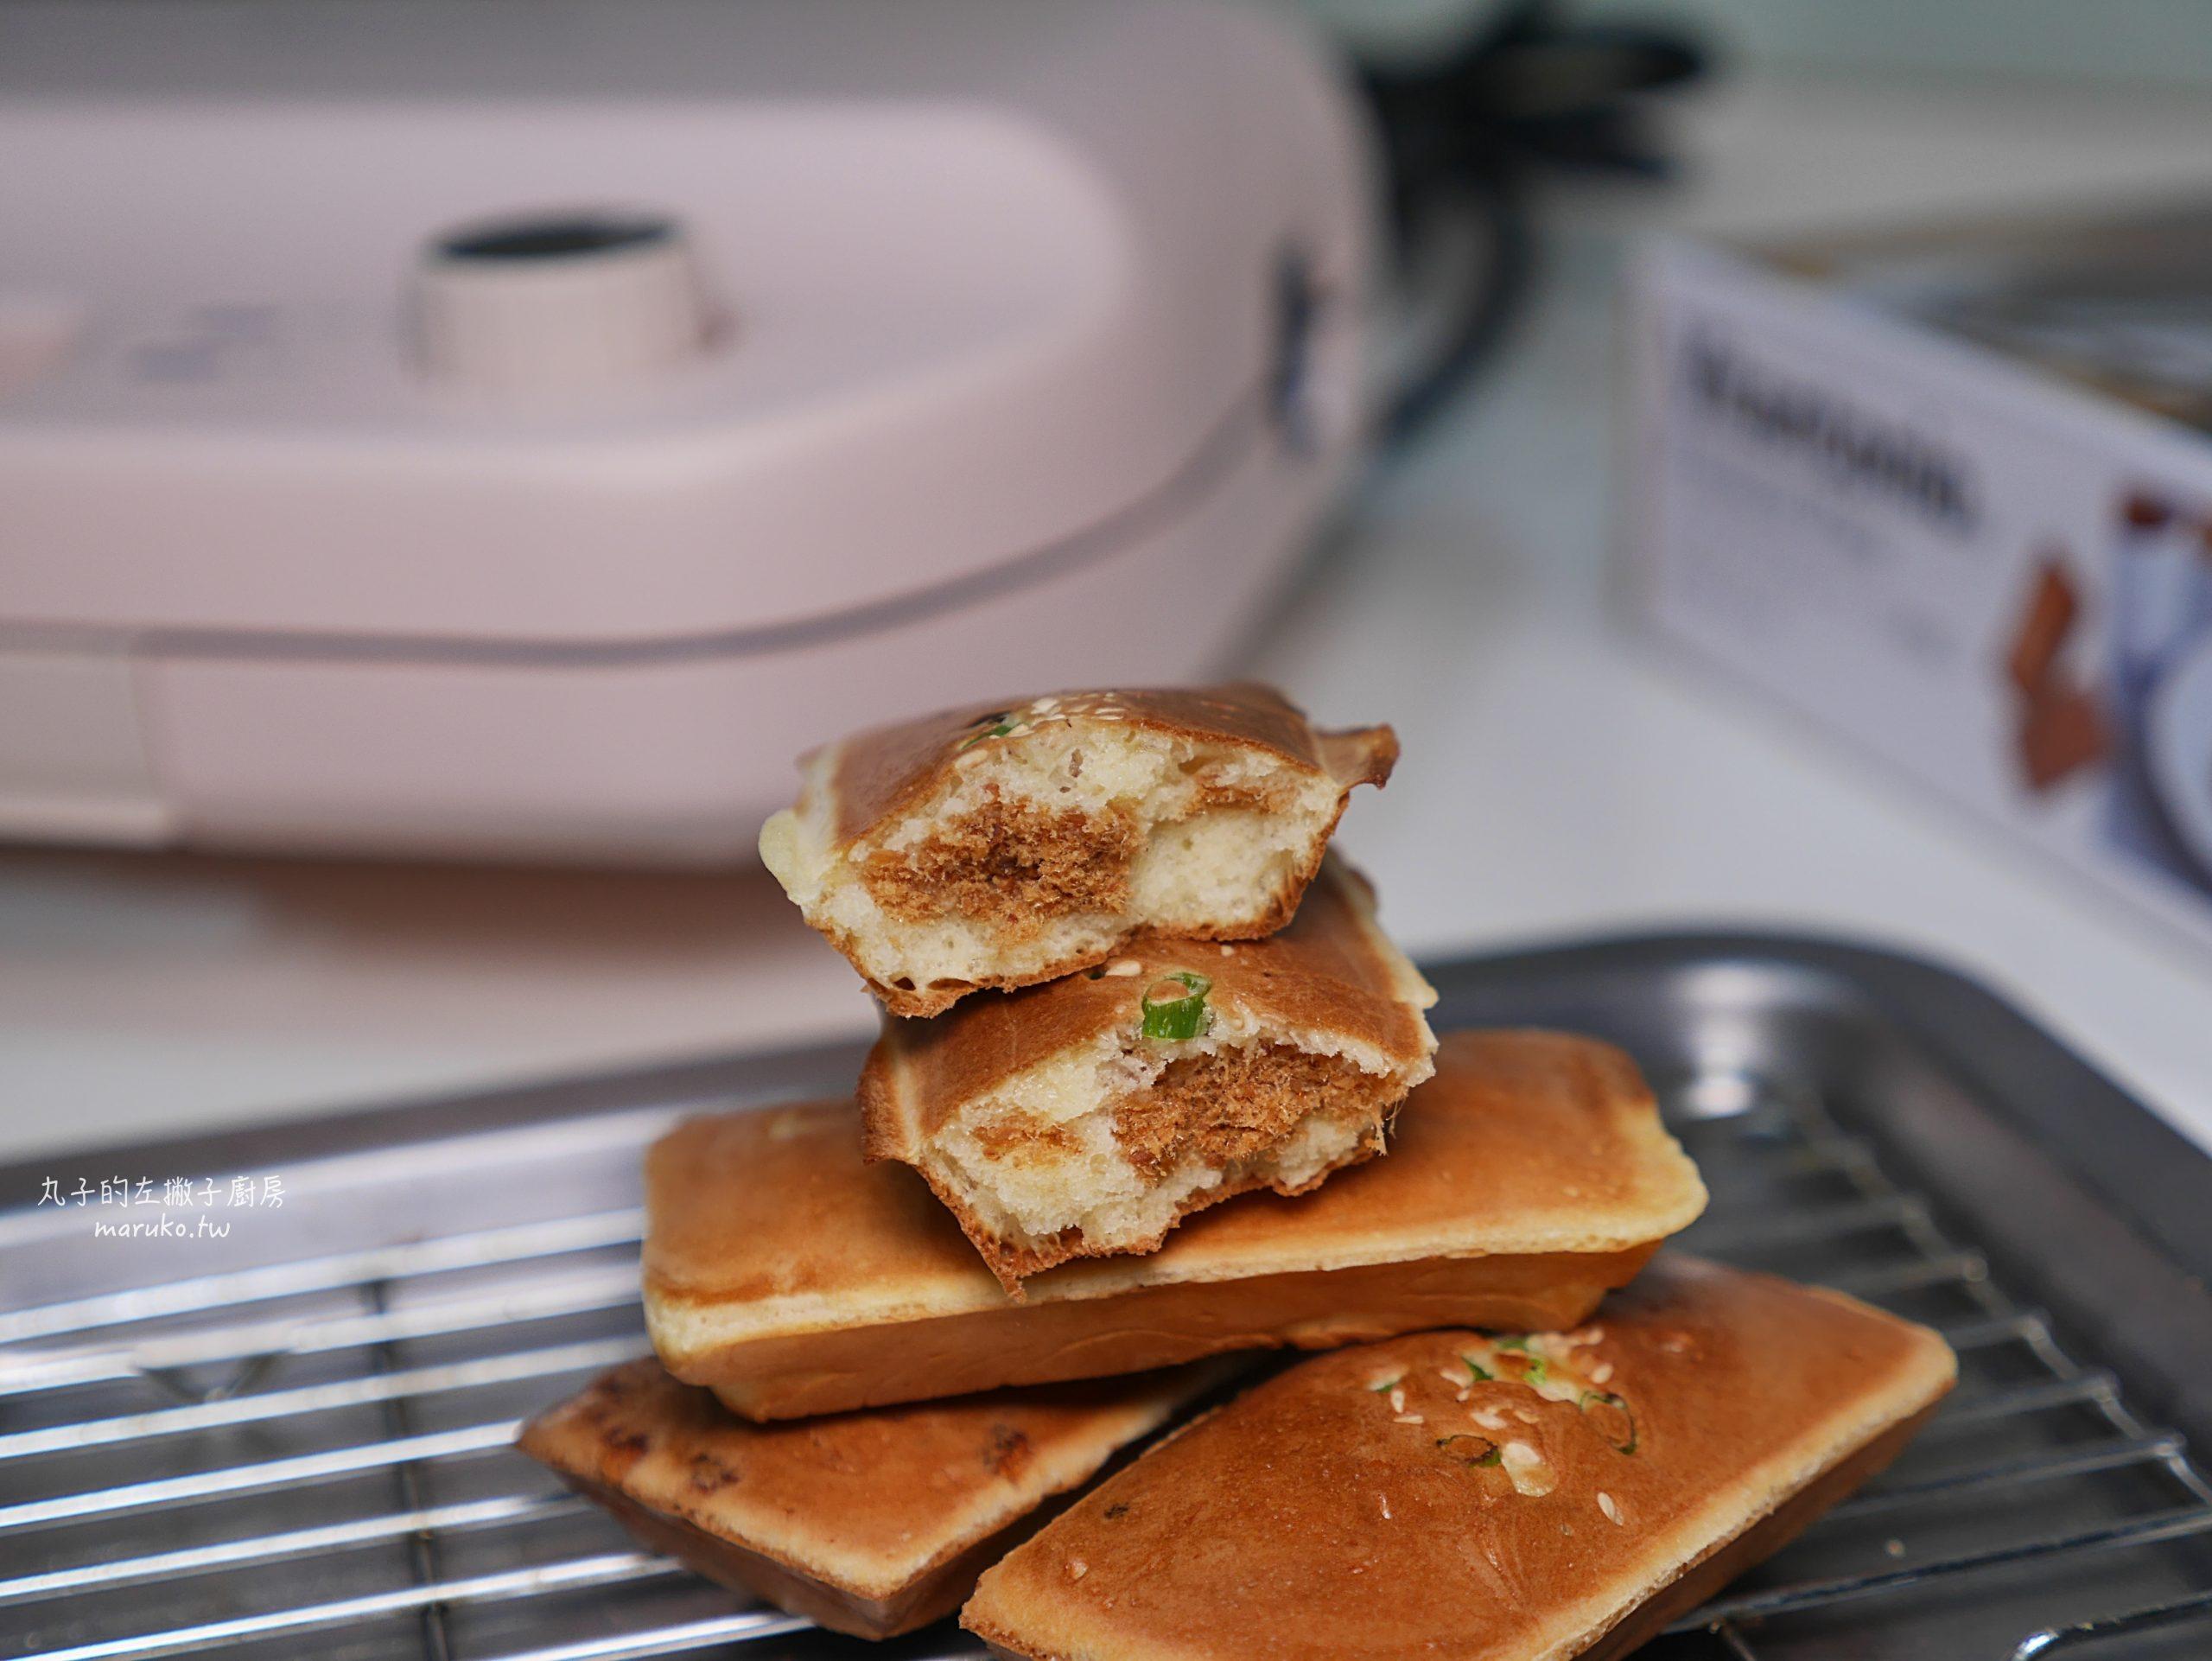 【食譜】10個 Vitantonio 鬆餅機烤盤運用食譜分享 @Maruko與美食有個約會